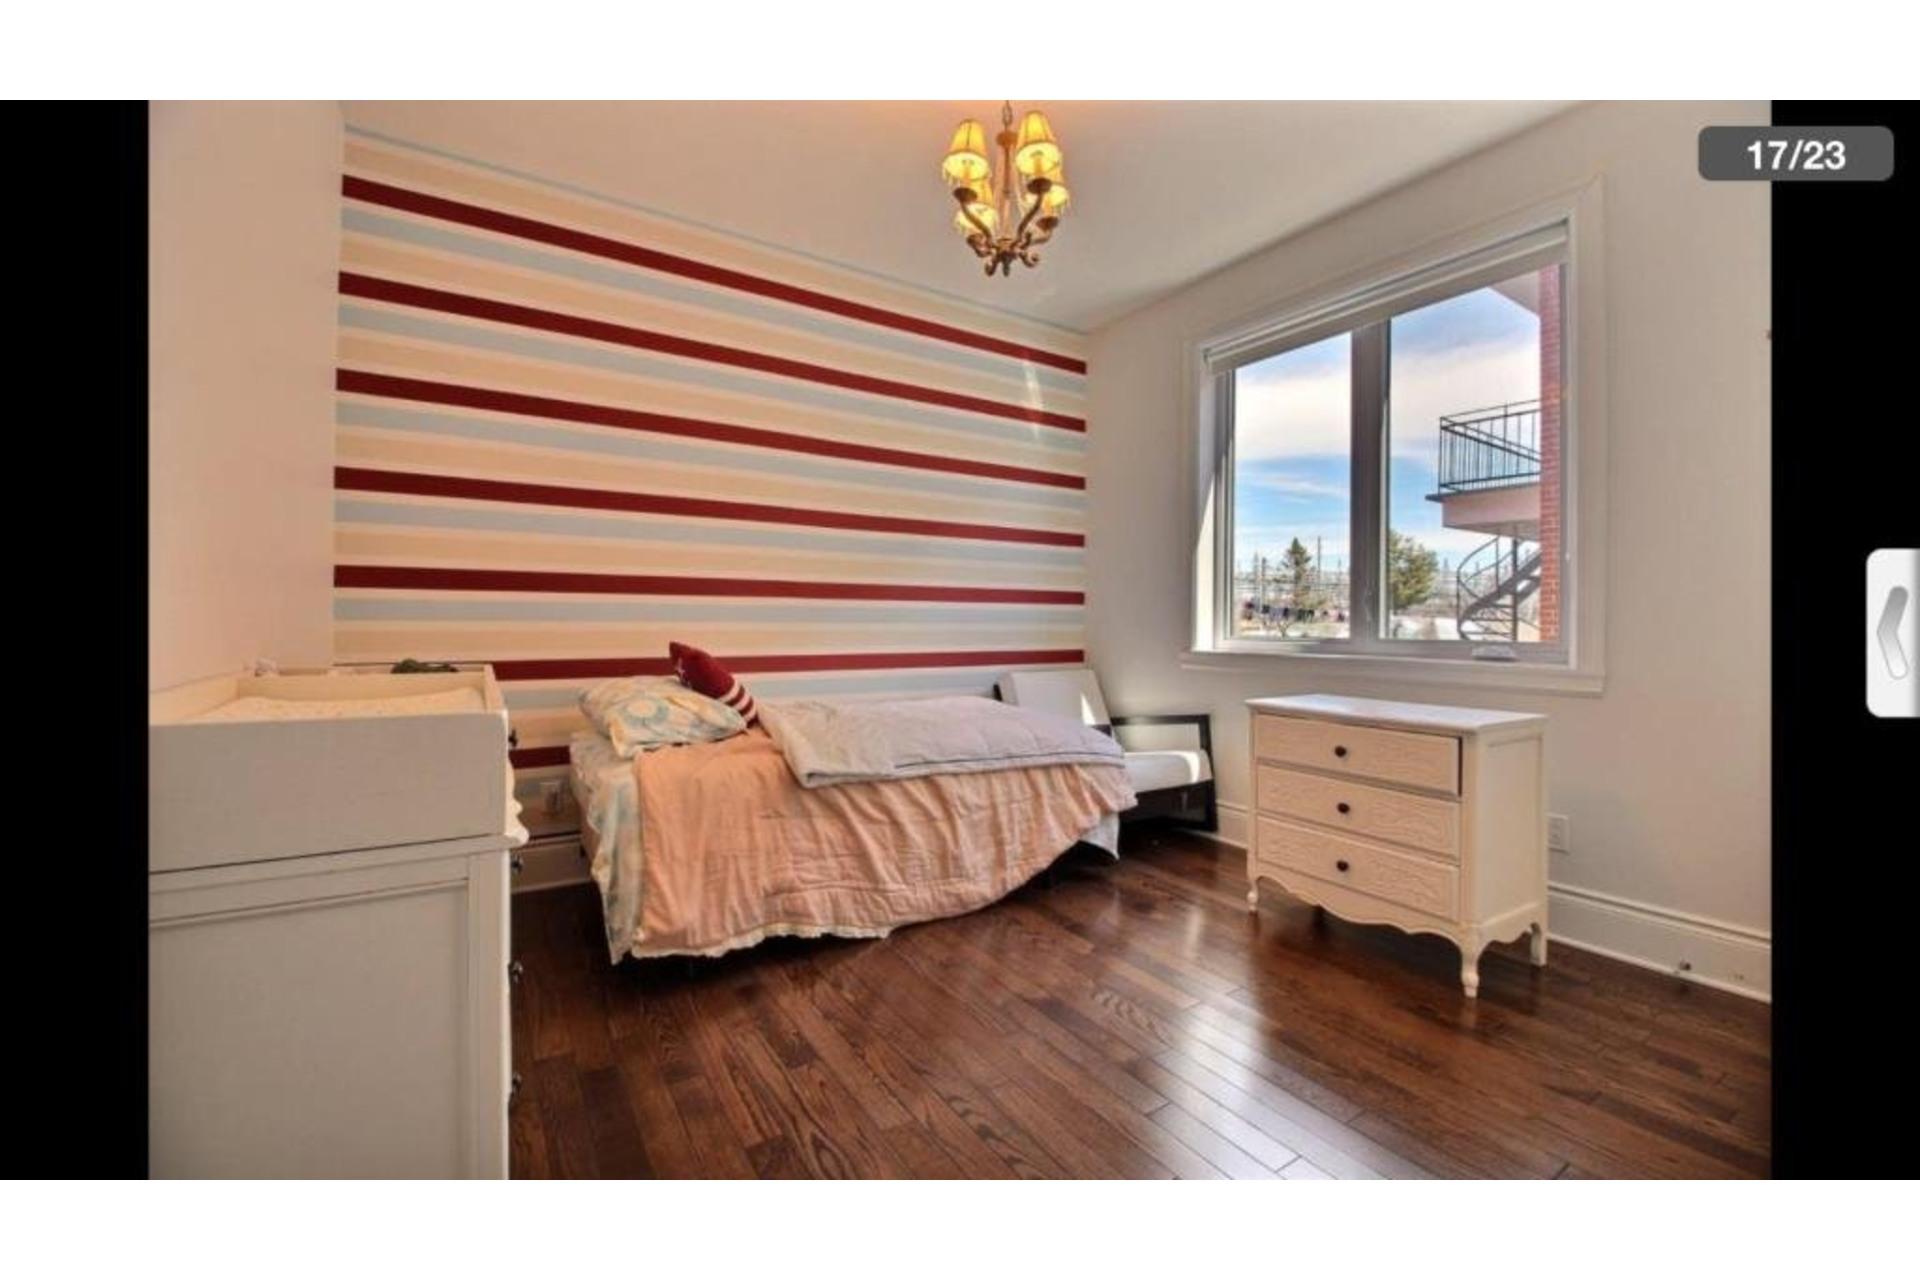 image 12 - Apartment For rent Montréal Saint-Laurent  - 10 rooms